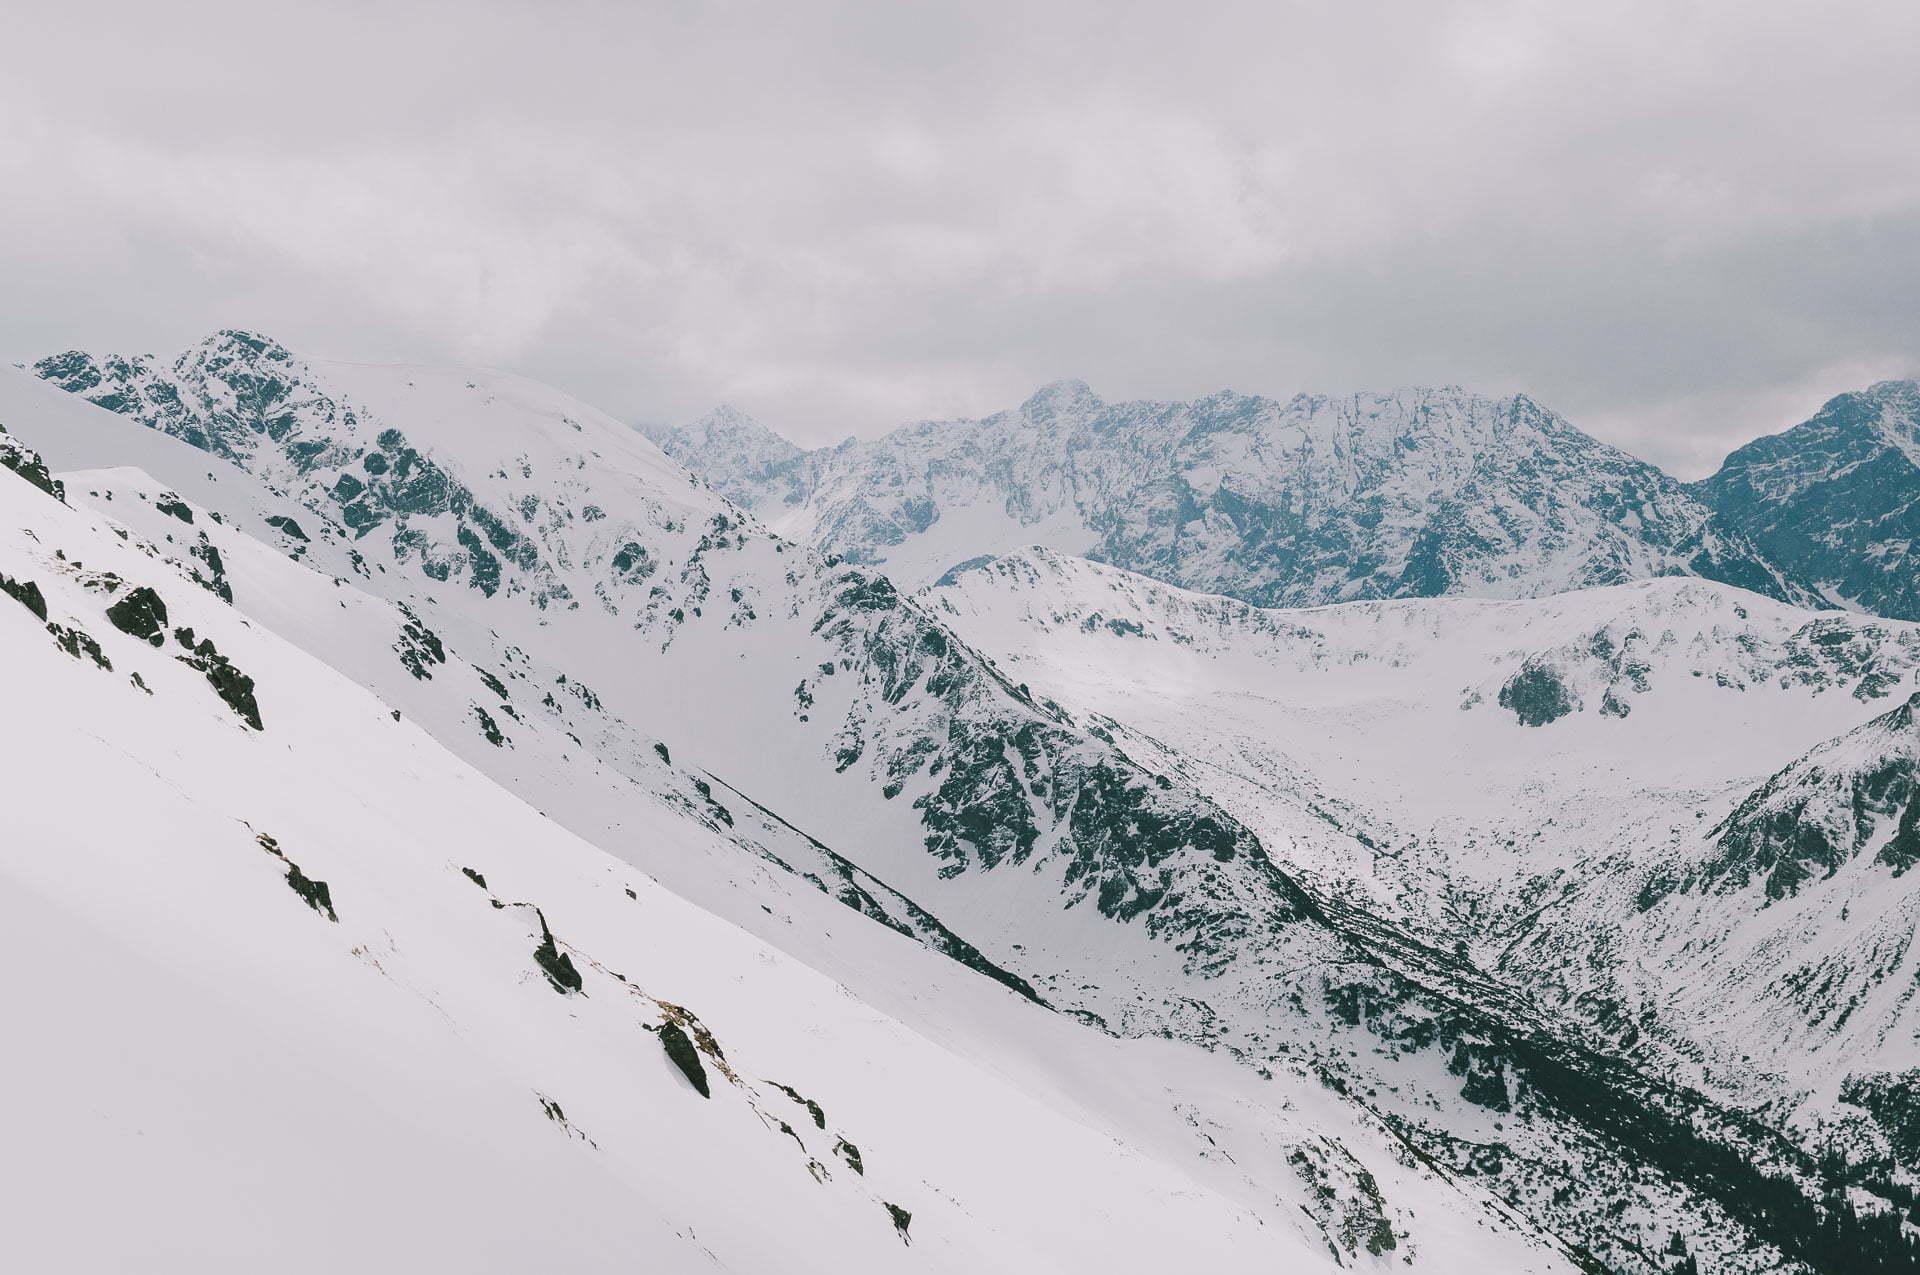 Wielkanoc wpolskich górach - Kasprowy Wierch